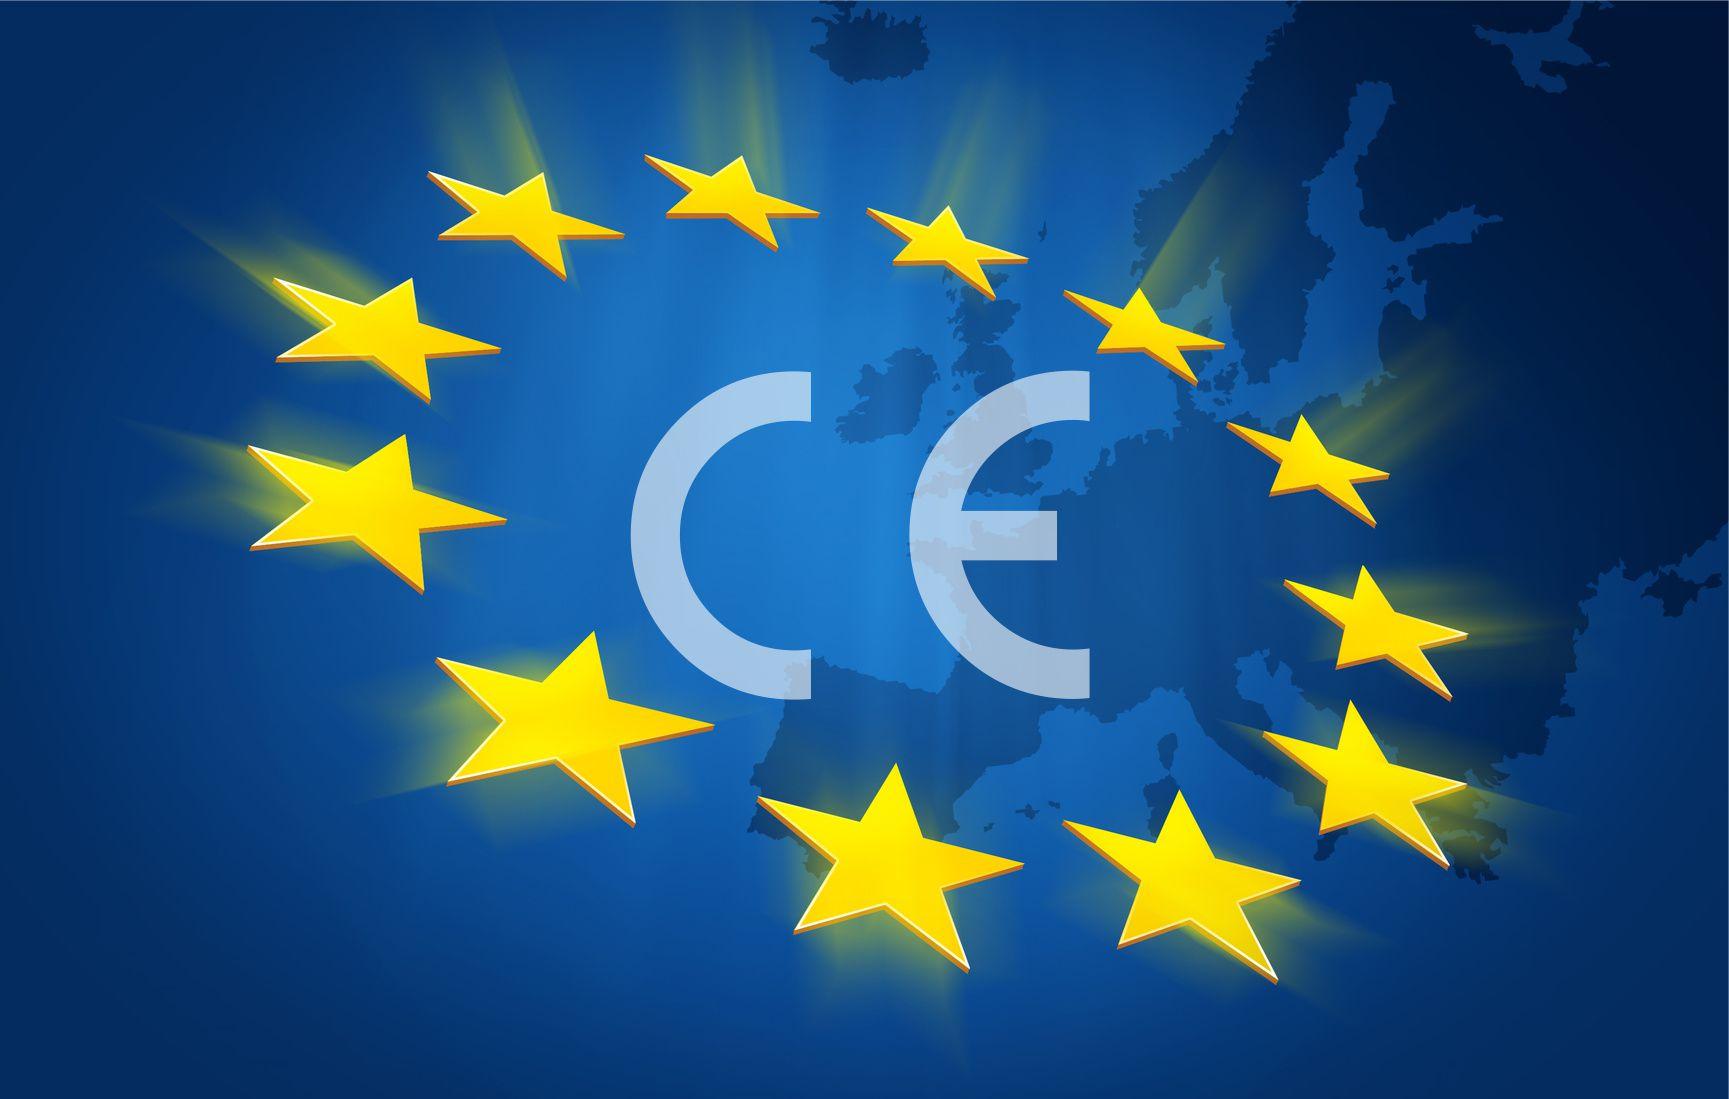 Chứng nhận CE đối với hàng hoá trên thị trường EU - Ảnh 1.